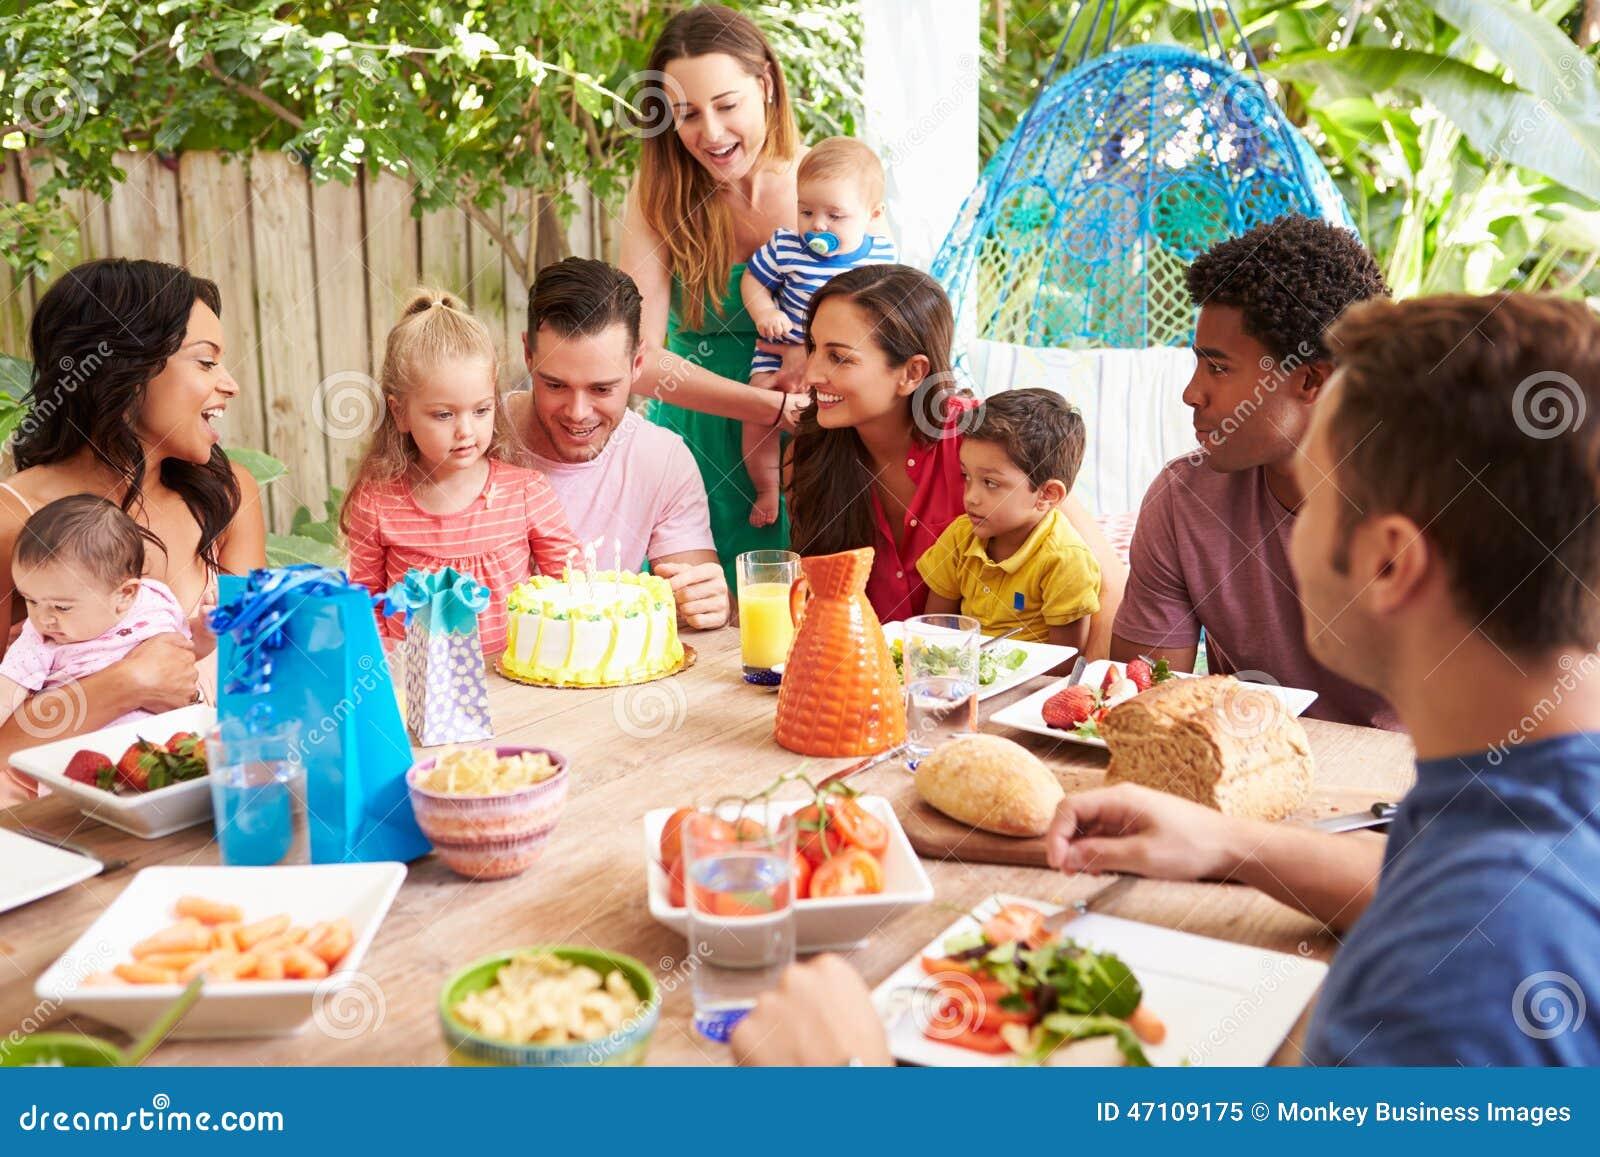 Grupo de familias que celebran el cumplea os del ni o en - Comida de cumpleanos en casa ...